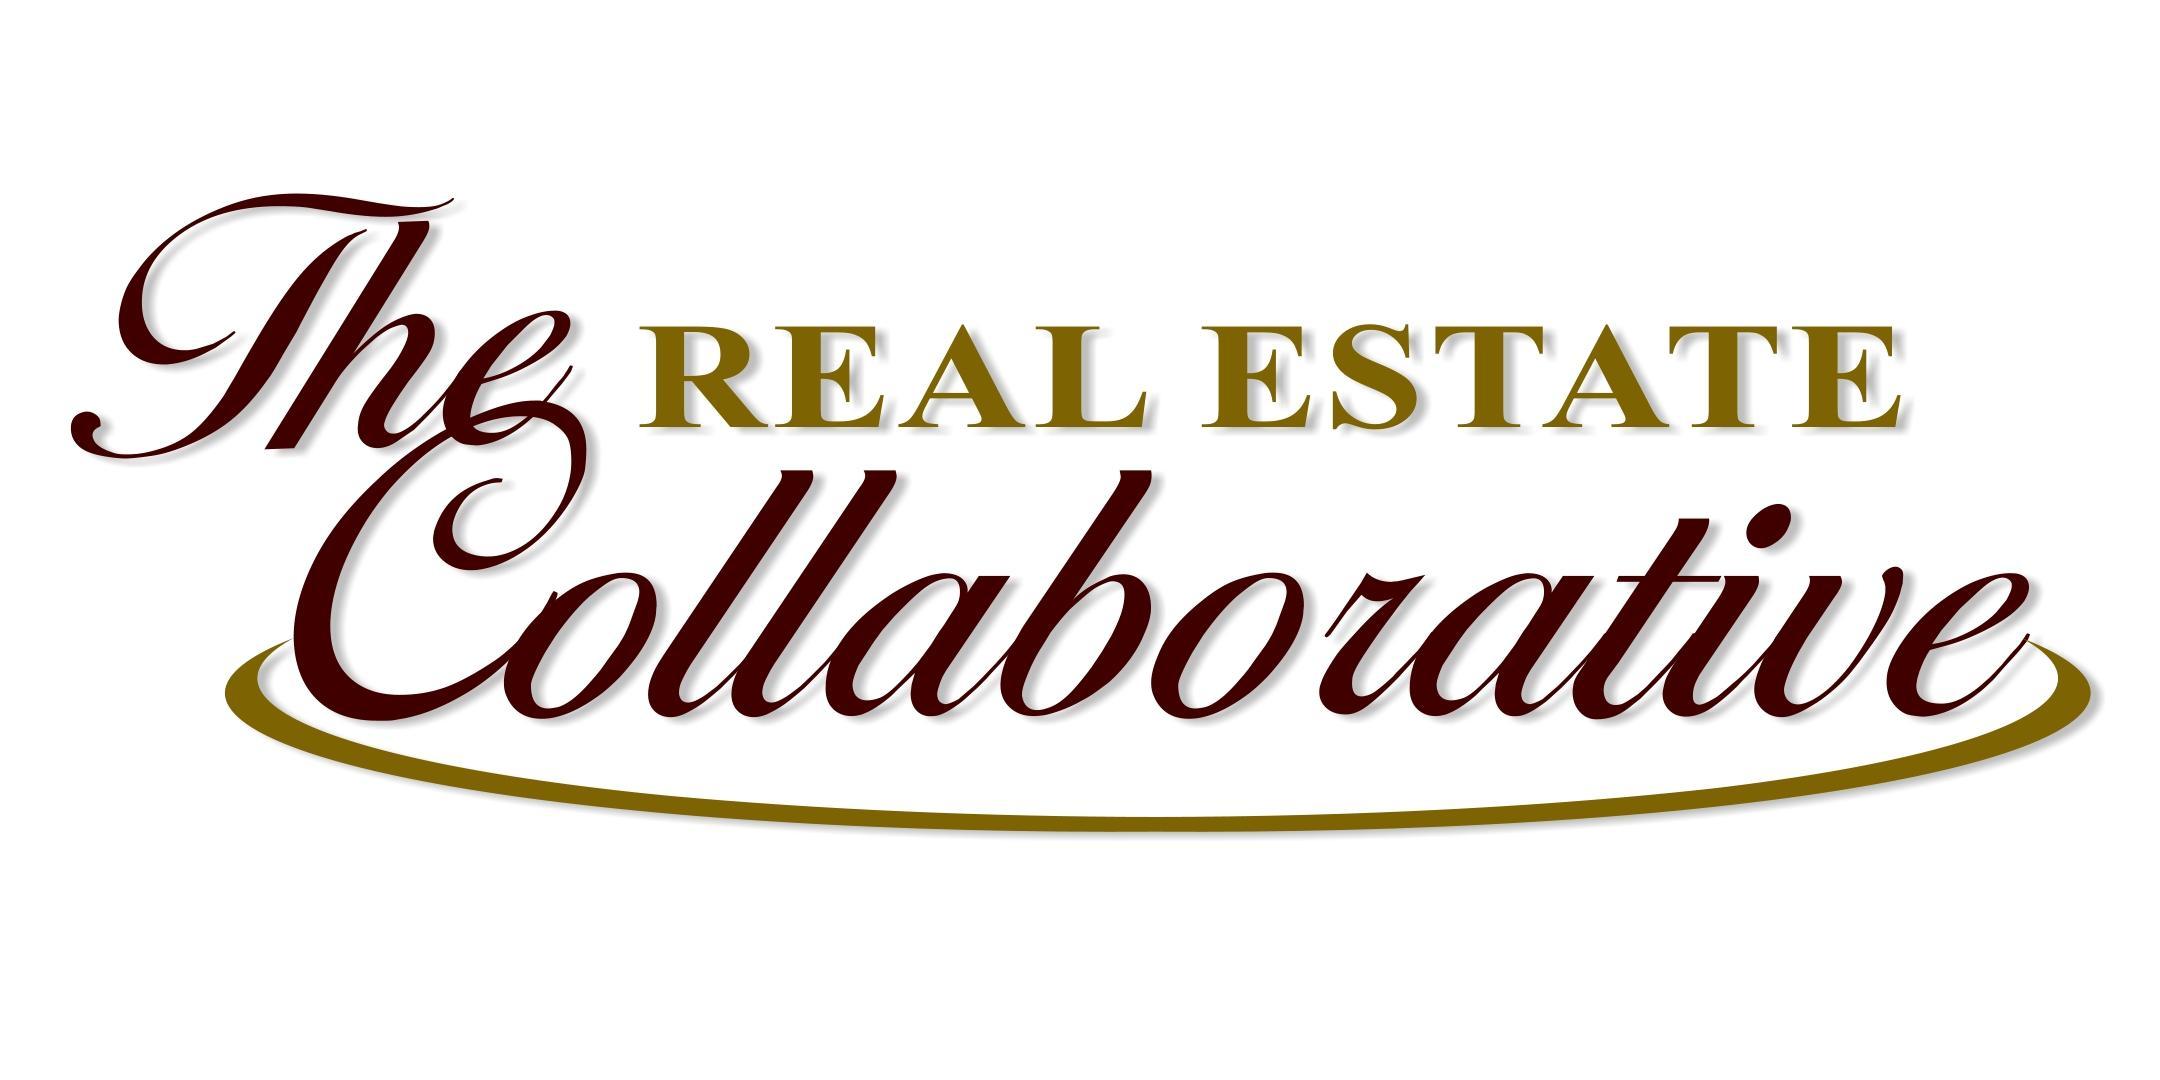 The Real Estate Collaborative Sept 14th BREAKFAST SEMINAR